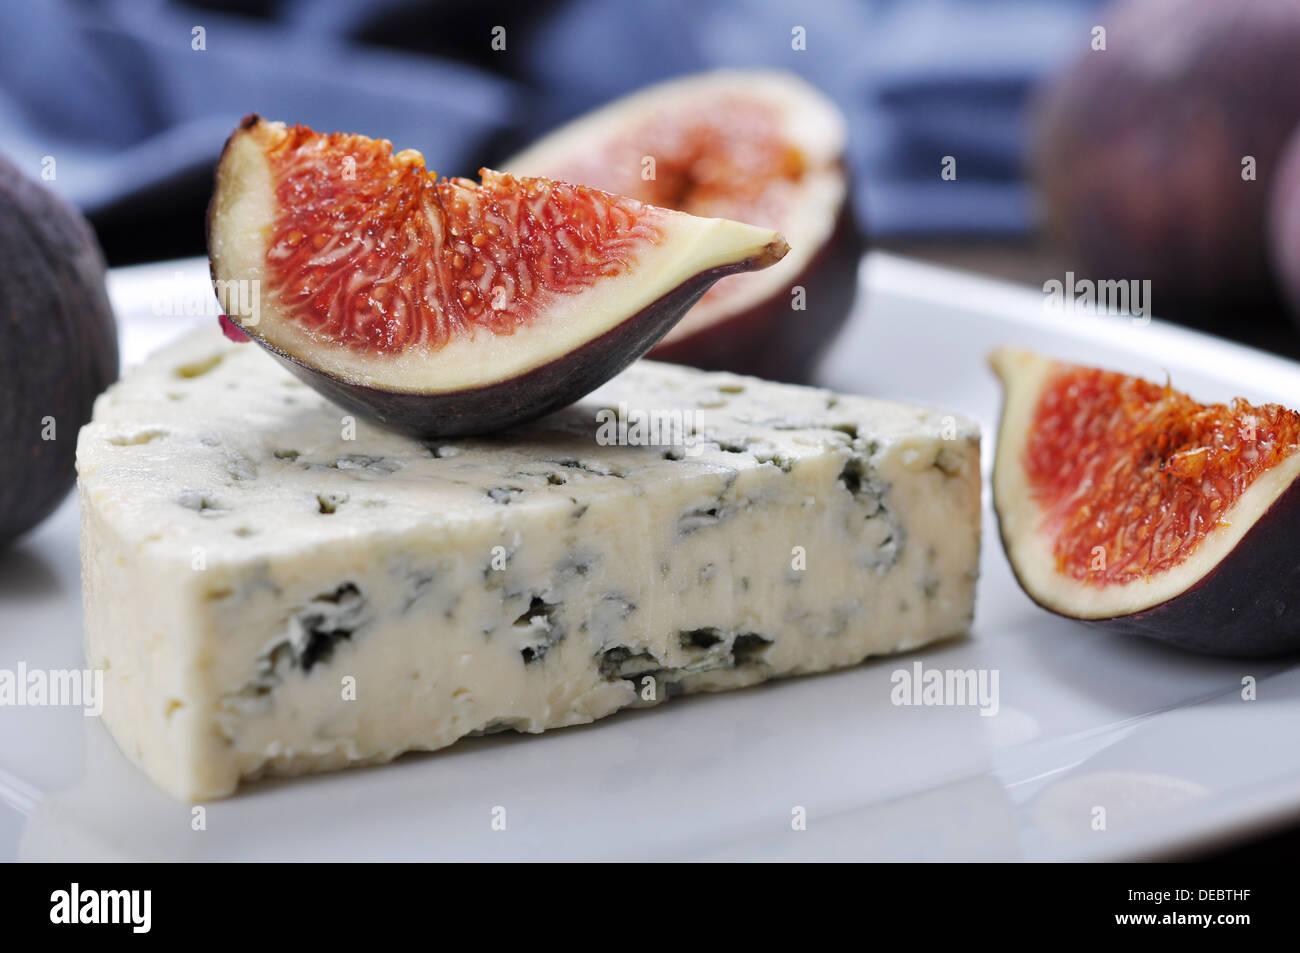 Fromage bleu et doux fruit figues sur une plaque blanche Photo Stock